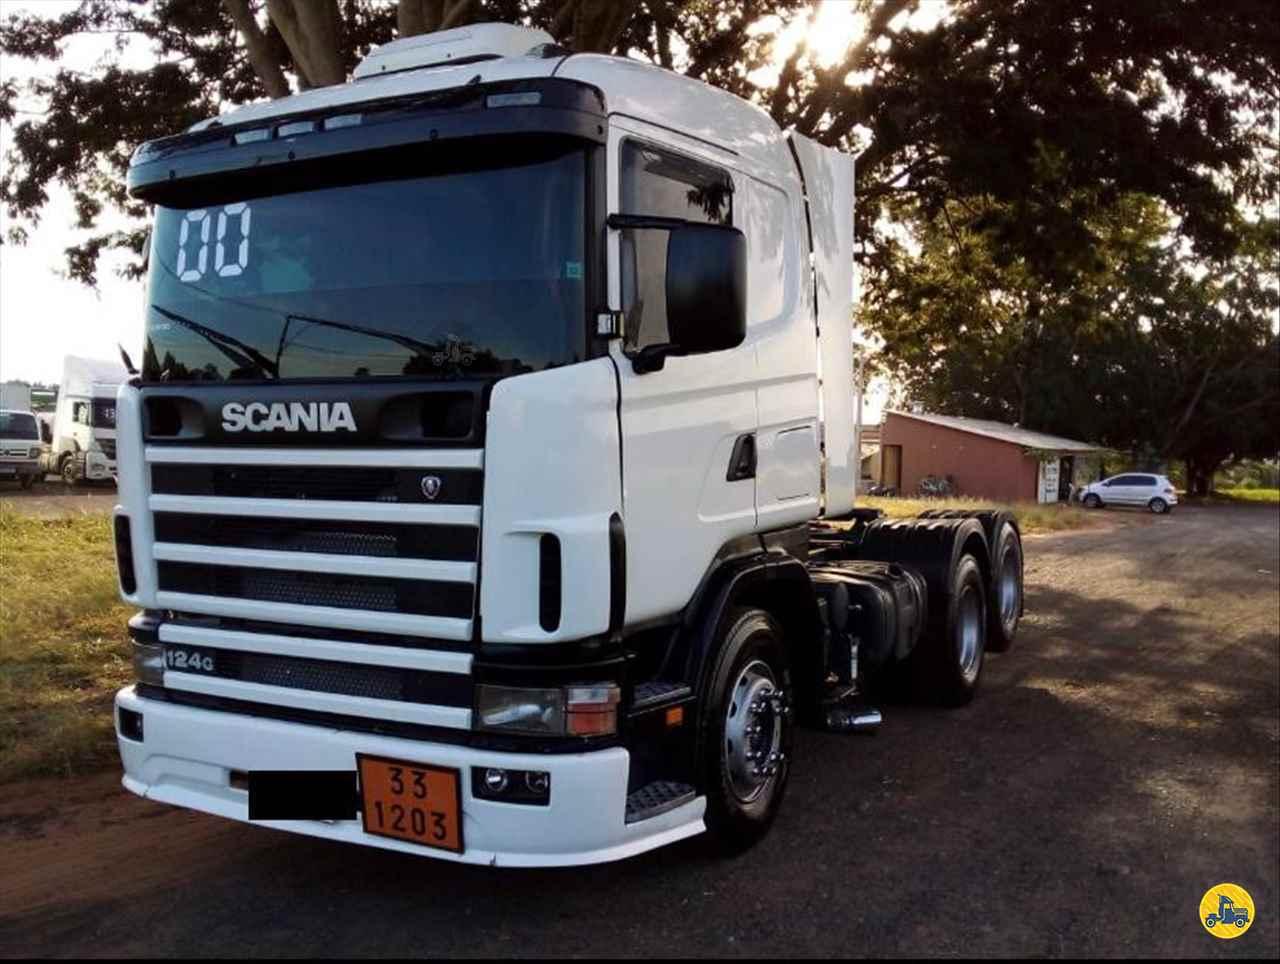 CAMINHAO SCANIA SCANIA 124 420 Cavalo Mecânico Truck 6x2 Riva Carretas CATANDUVA SÃO PAULO SP